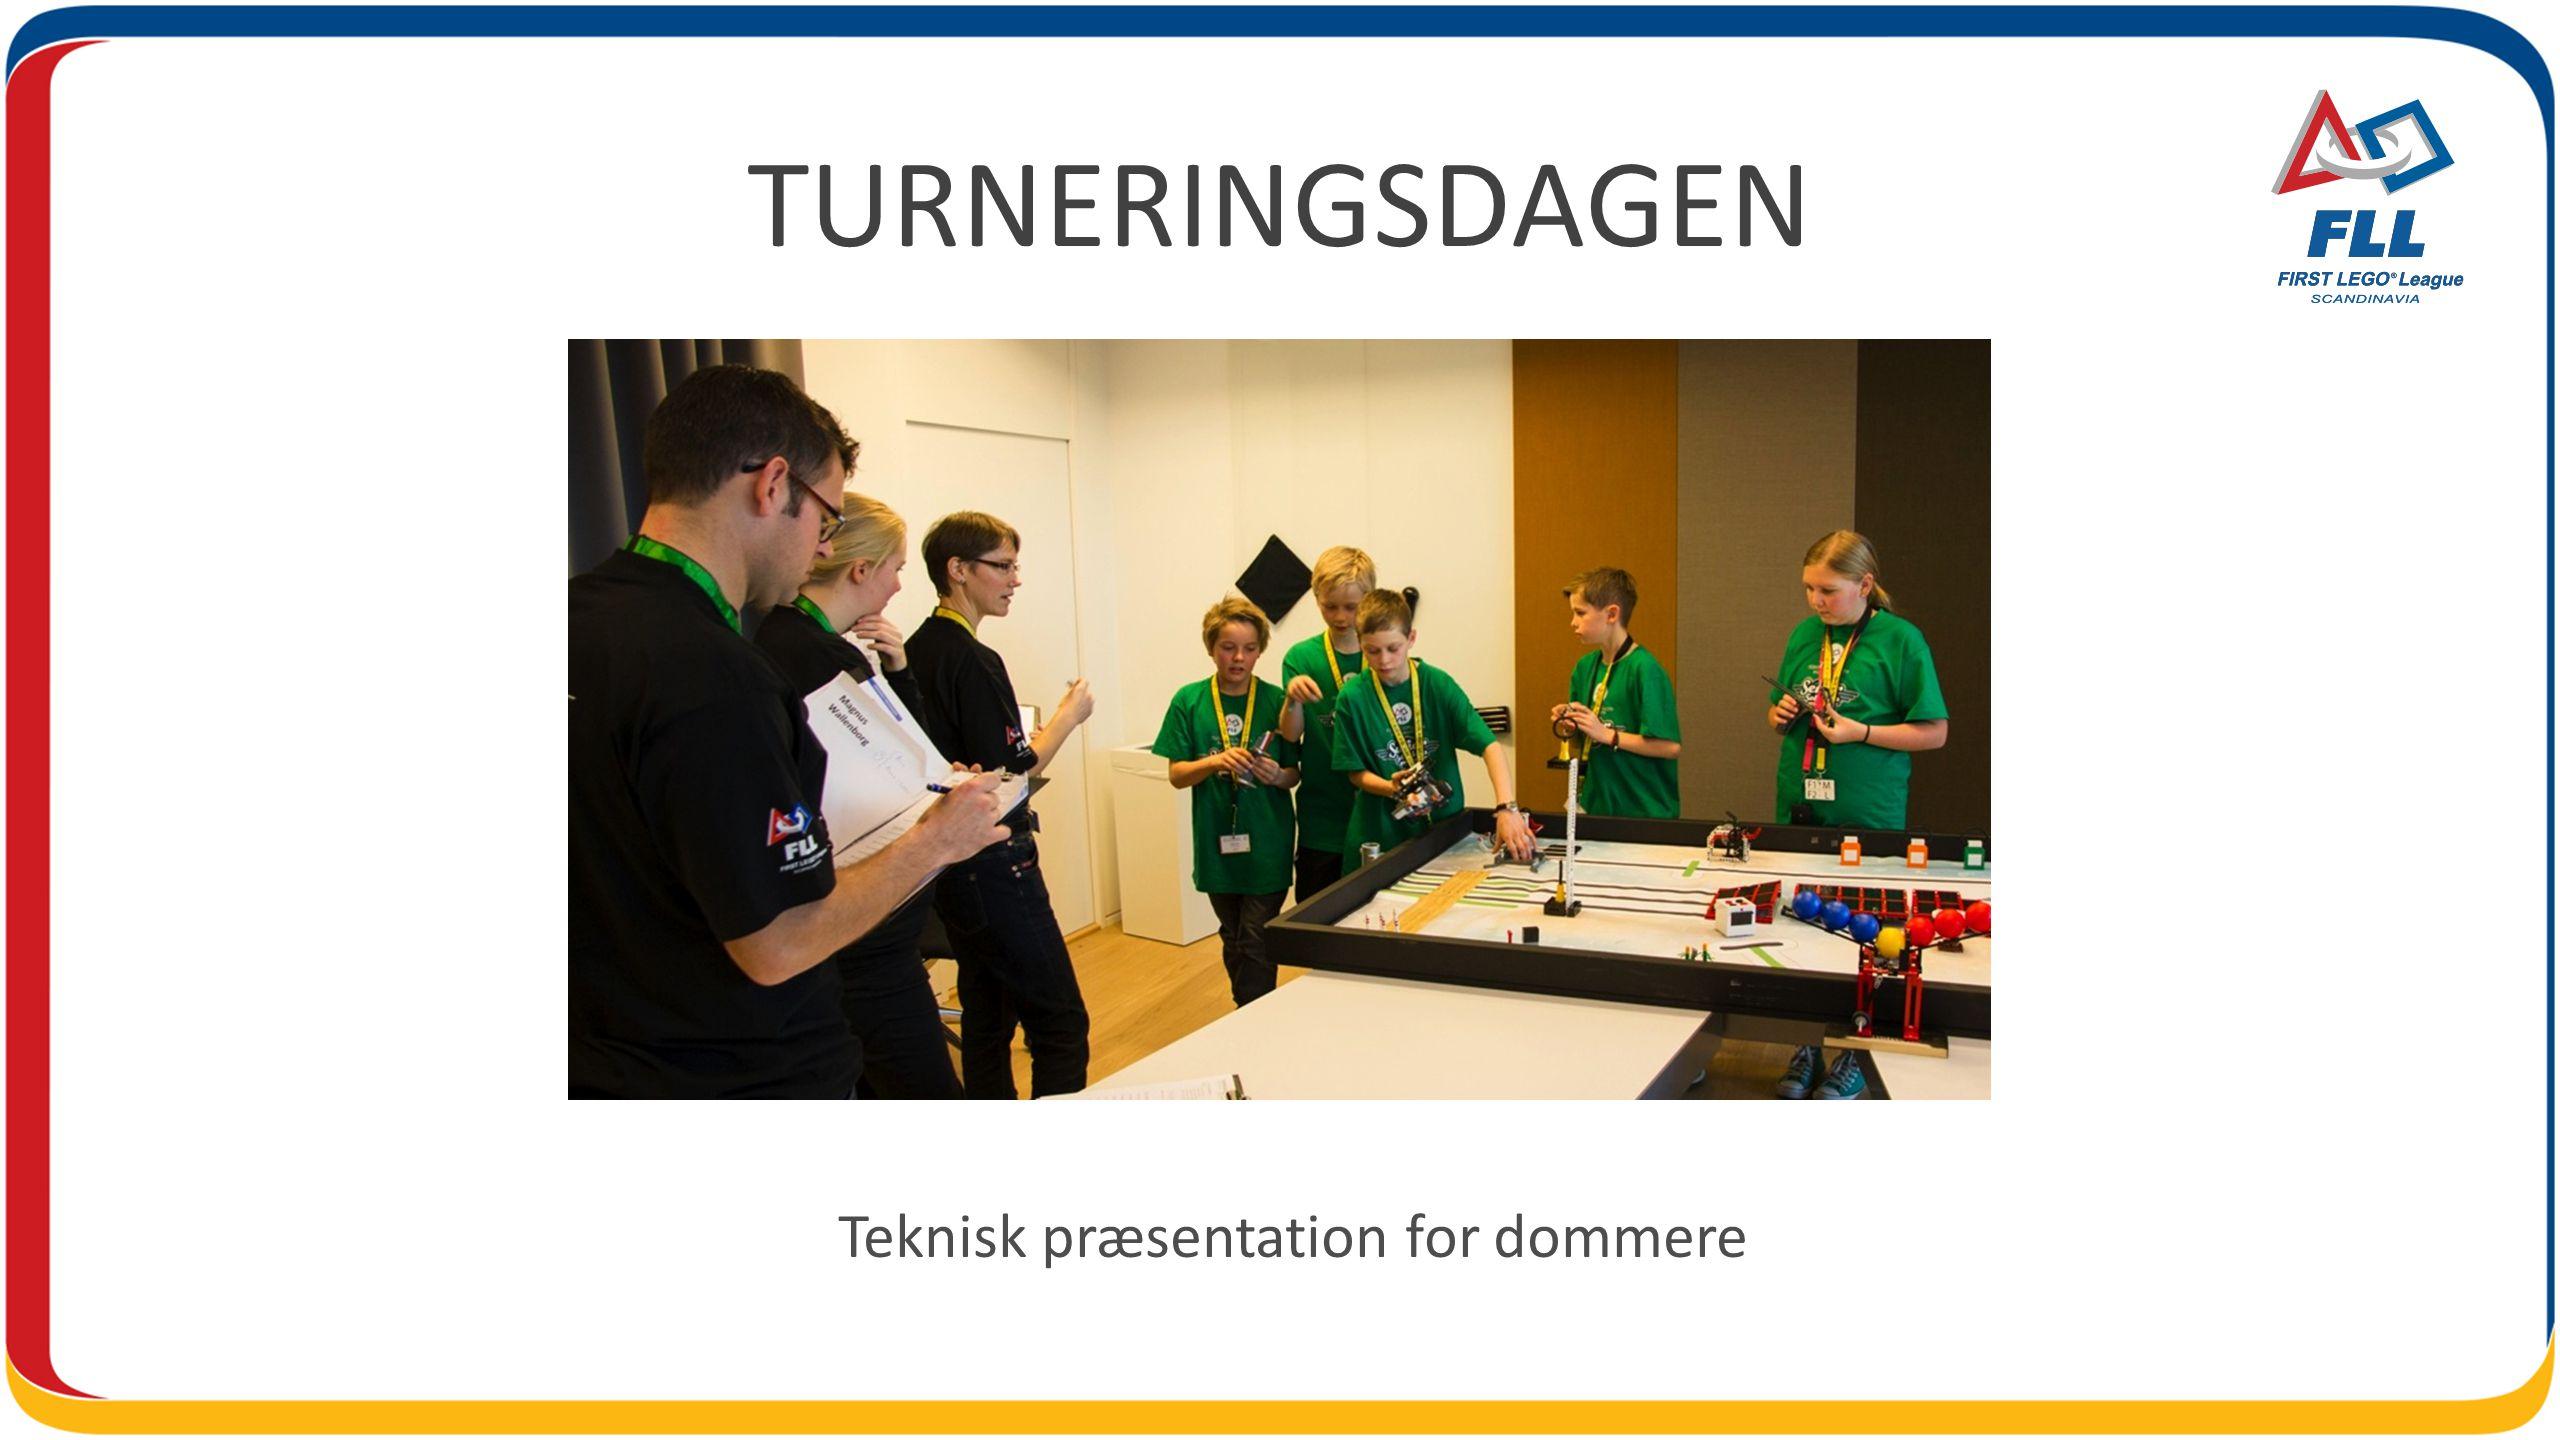 TURNERINGSDAGEN Teknisk præsentation for dommere